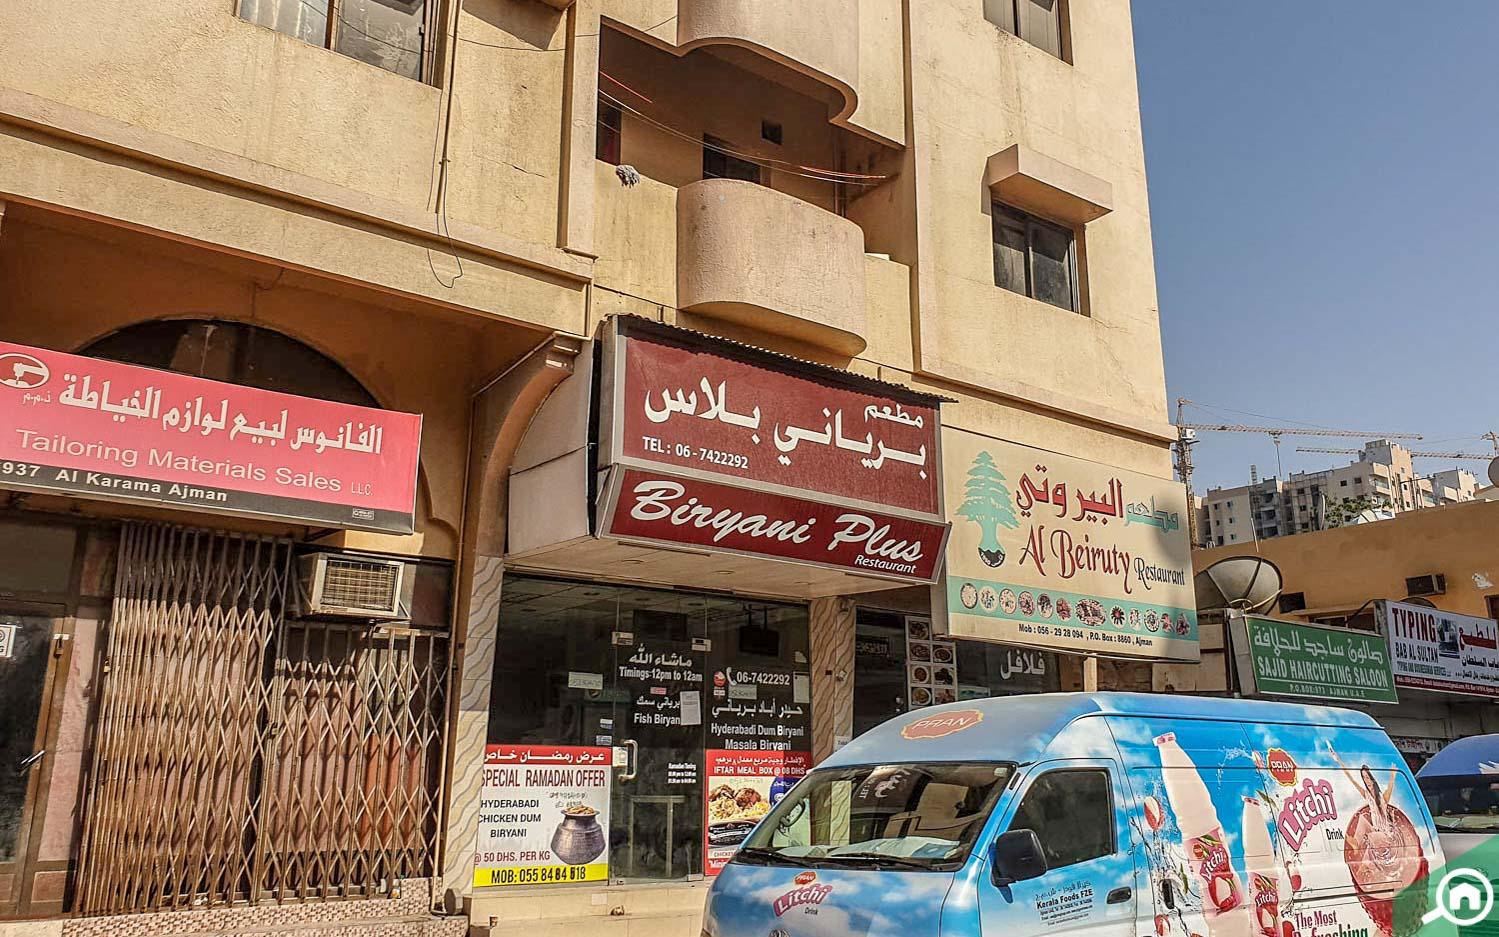 Biryani Plus restaurant in Al Nakhil